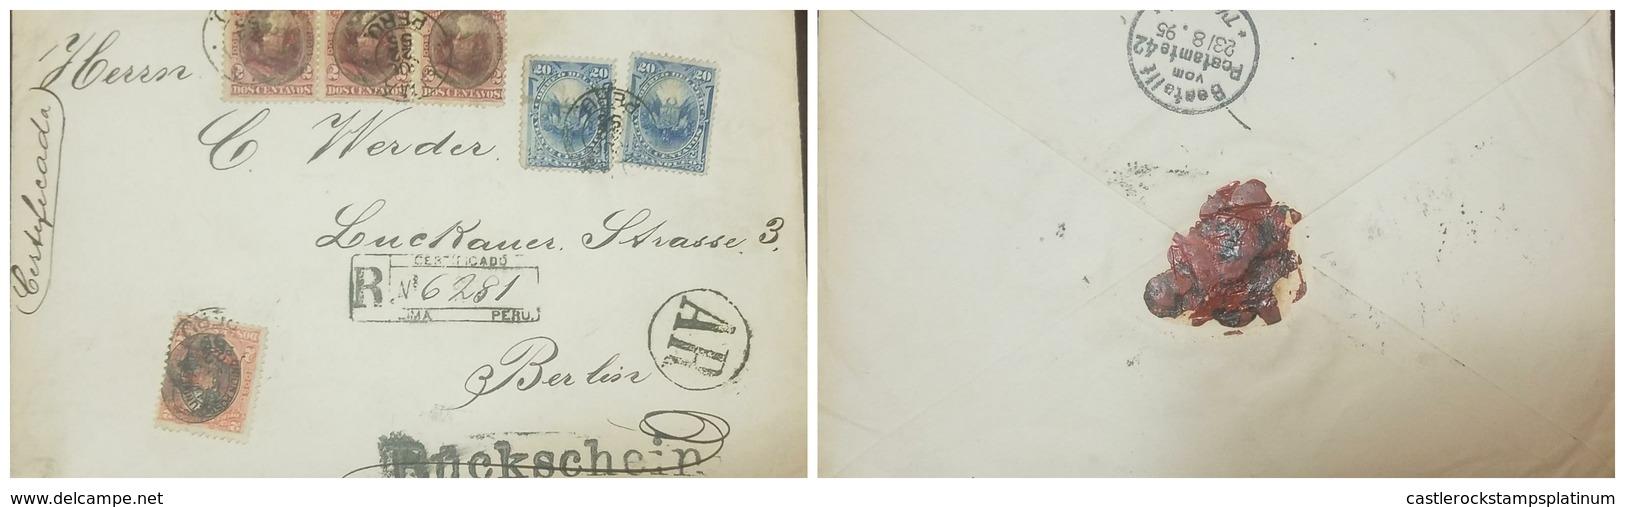 O) 1895  PERU, PRESIDENT REMIGIO MORALES BERMUDEZ 2c - COAT OF ARMS 20c, REGISTERED-CERTIFICATE -AR - RUCKSCHEIN-BERLIN- - Peru